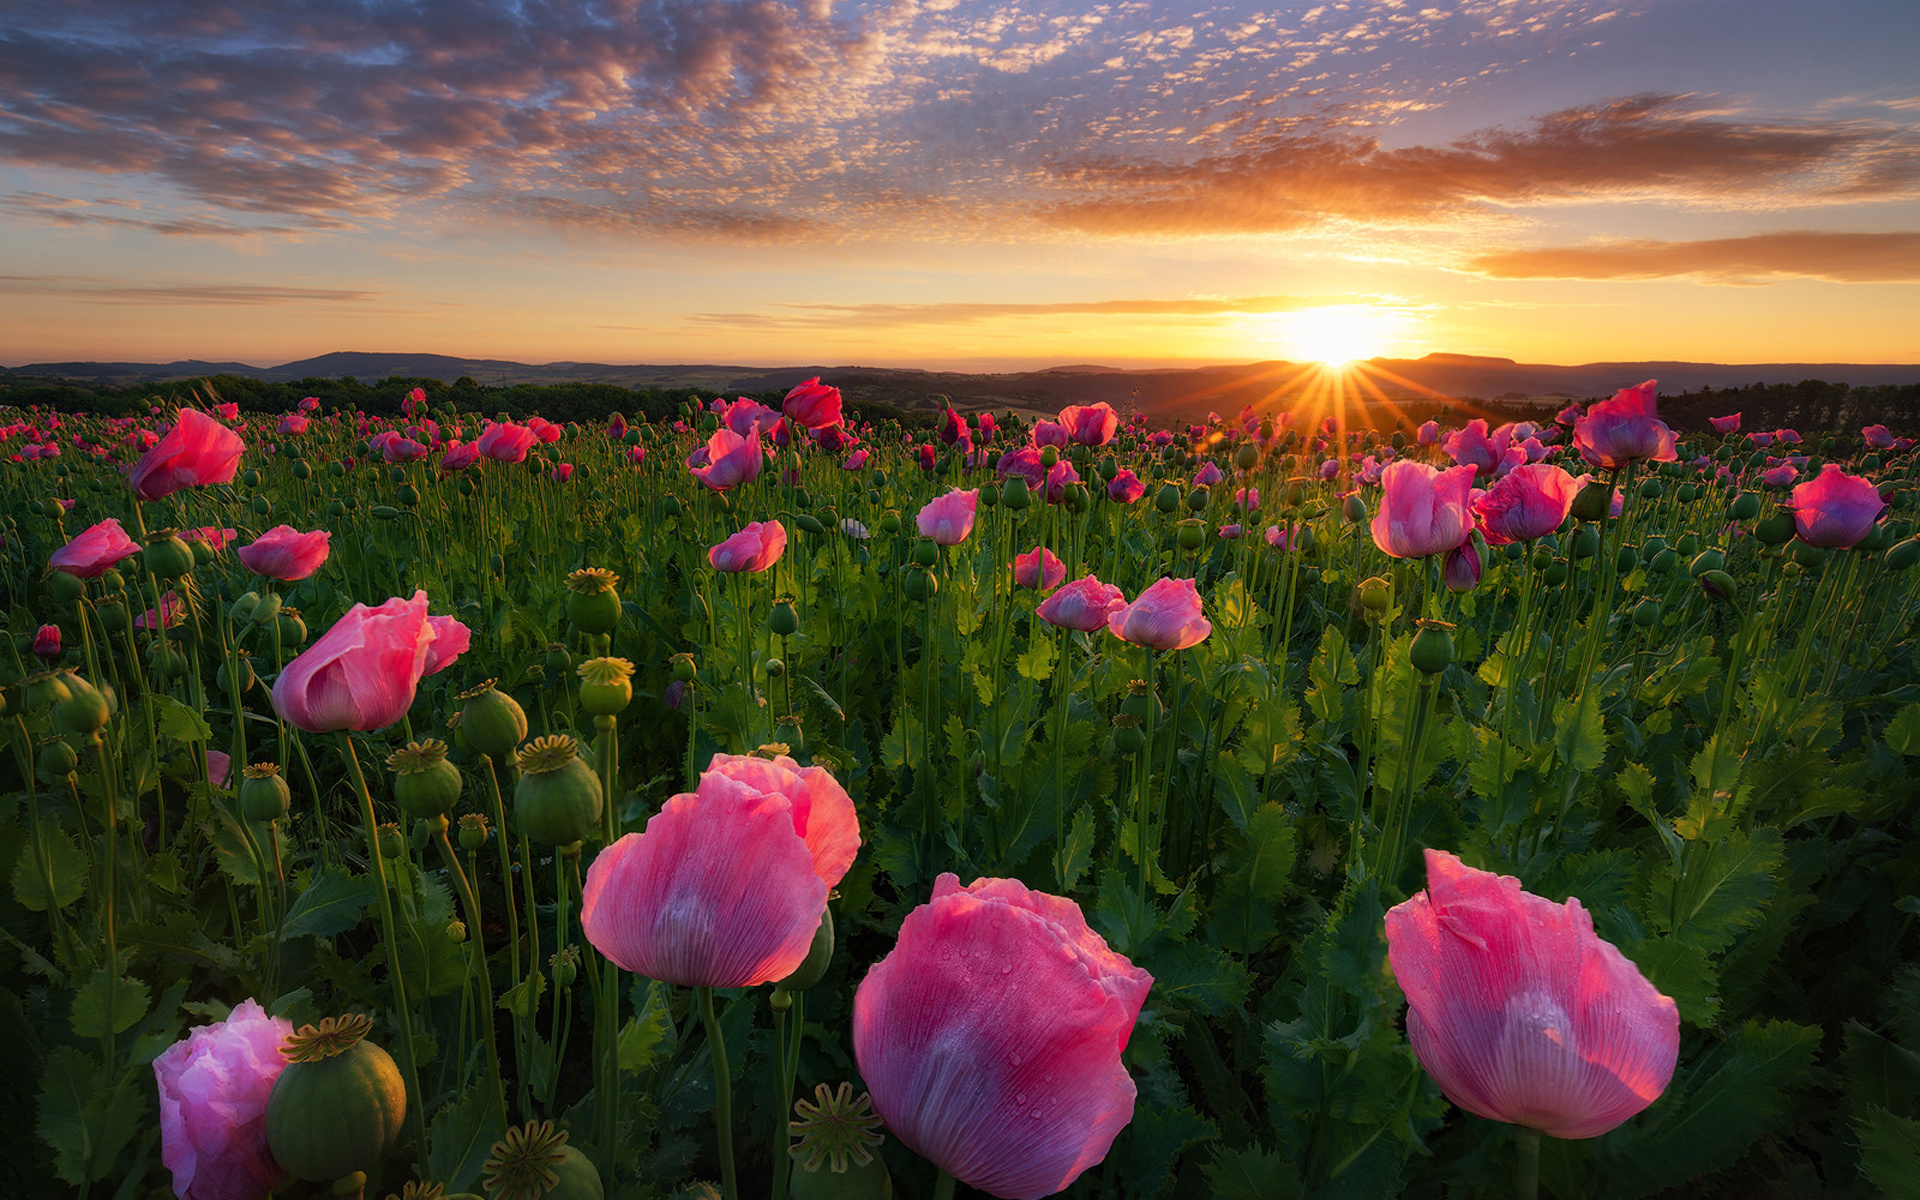 поле цветы рассвет field flowers dawn  № 3837019 загрузить